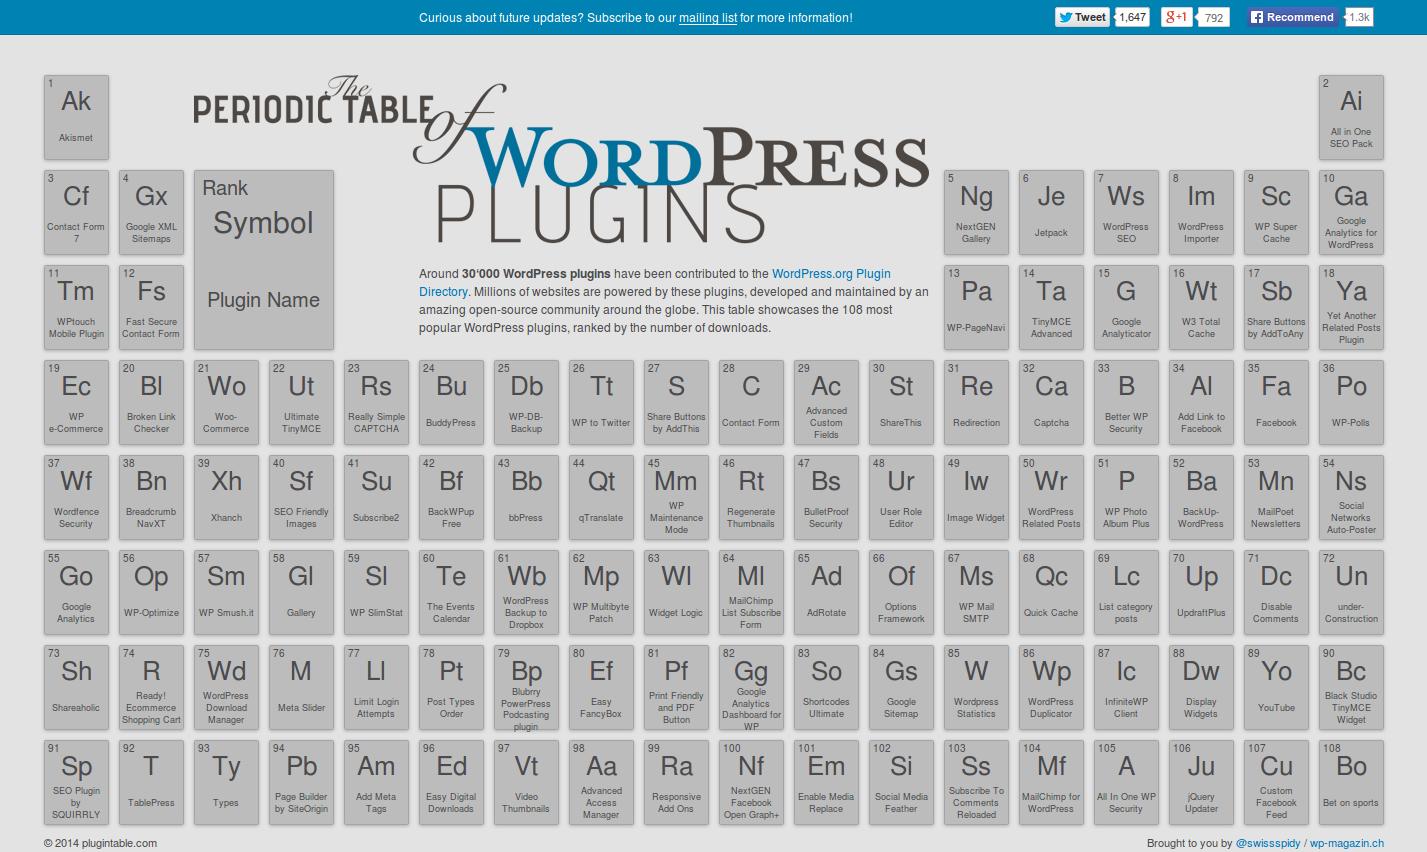 La tabla peridica de plugins de wordpress picando cdigo tabla peridica de plugins de wordpress urtaz Gallery